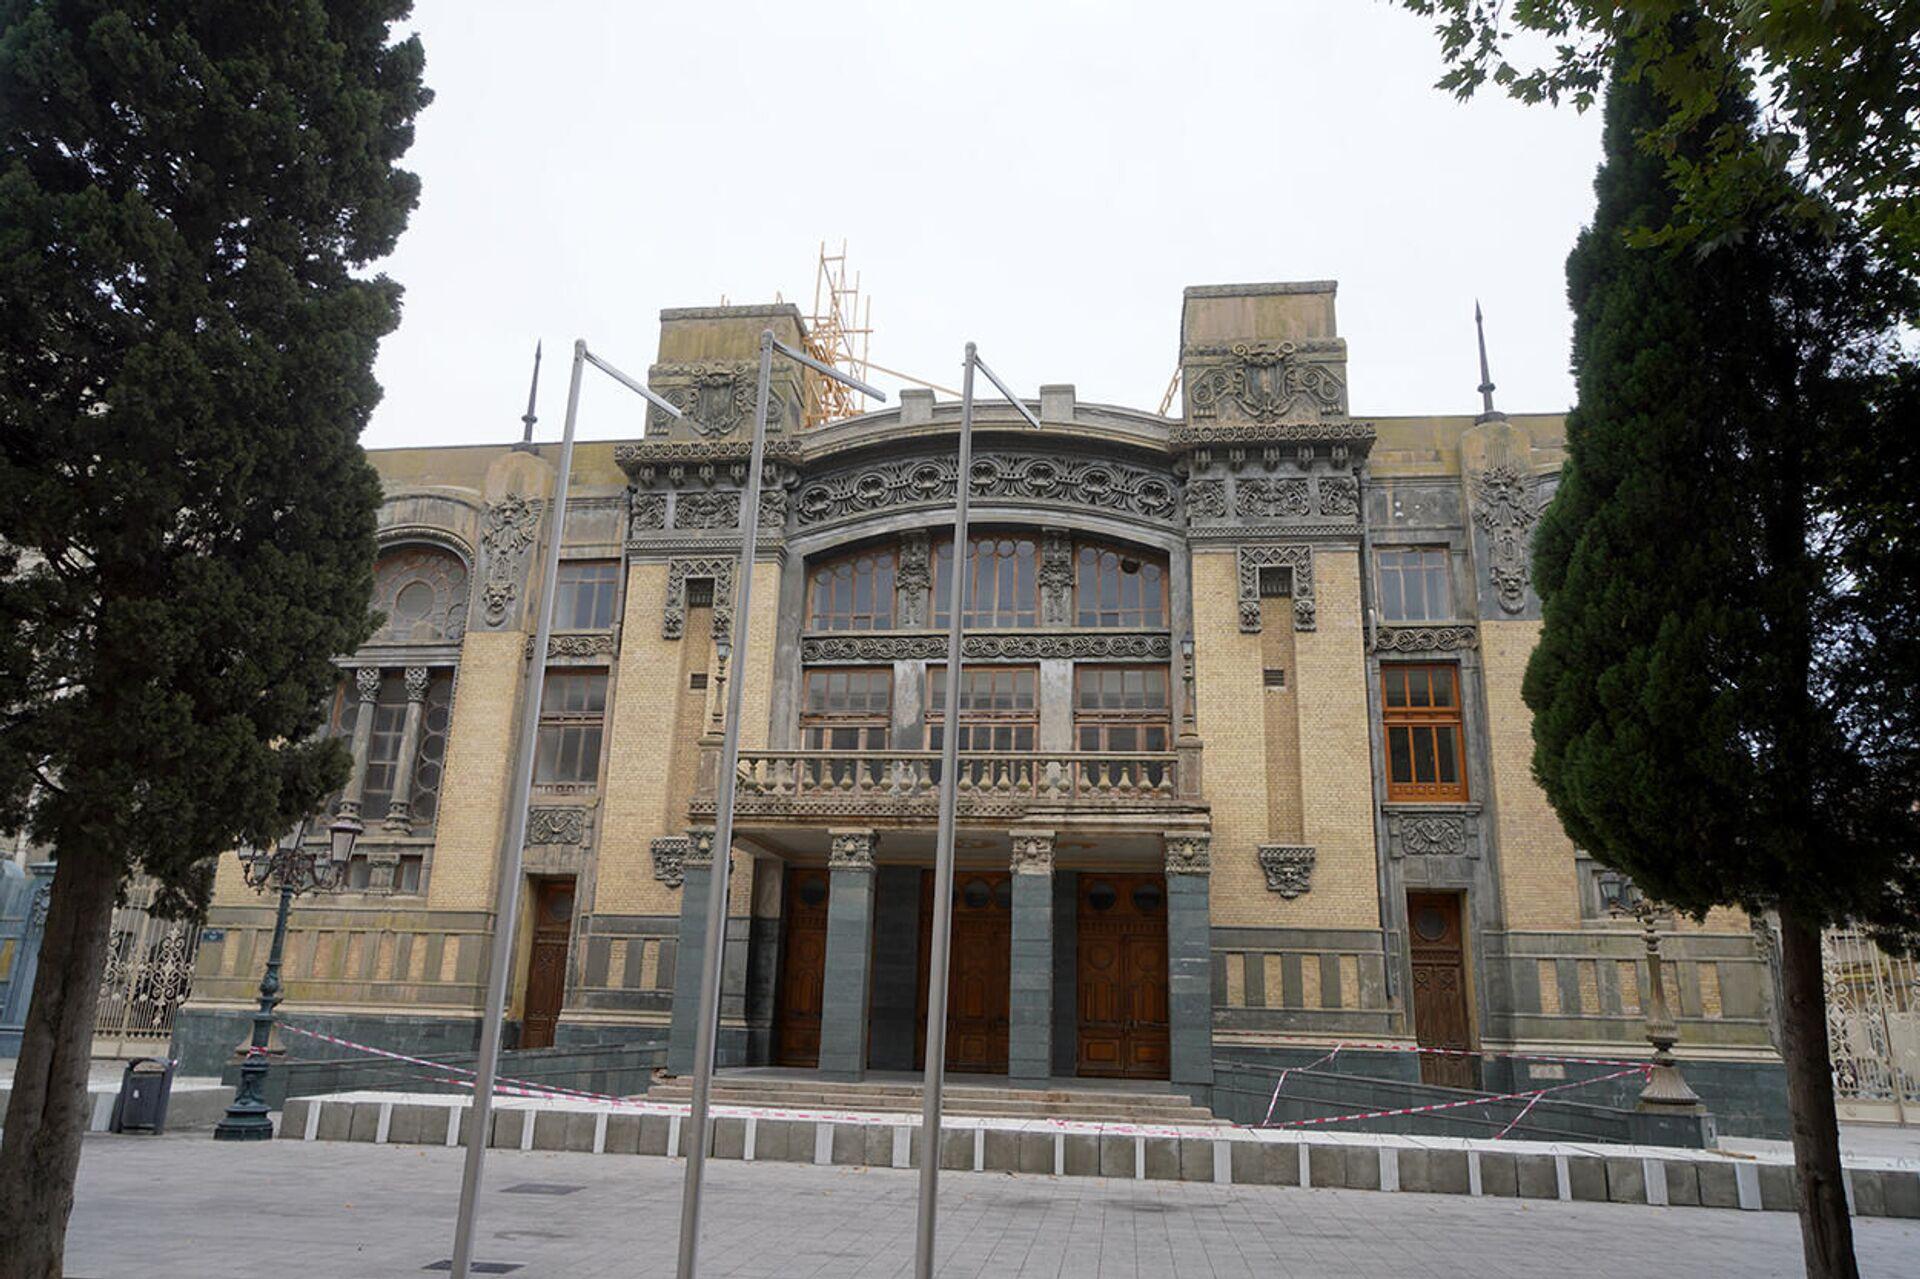 Реставрация здания Азербайджанского государственного академического театра оперы и балета - Sputnik Азербайджан, 1920, 01.10.2021